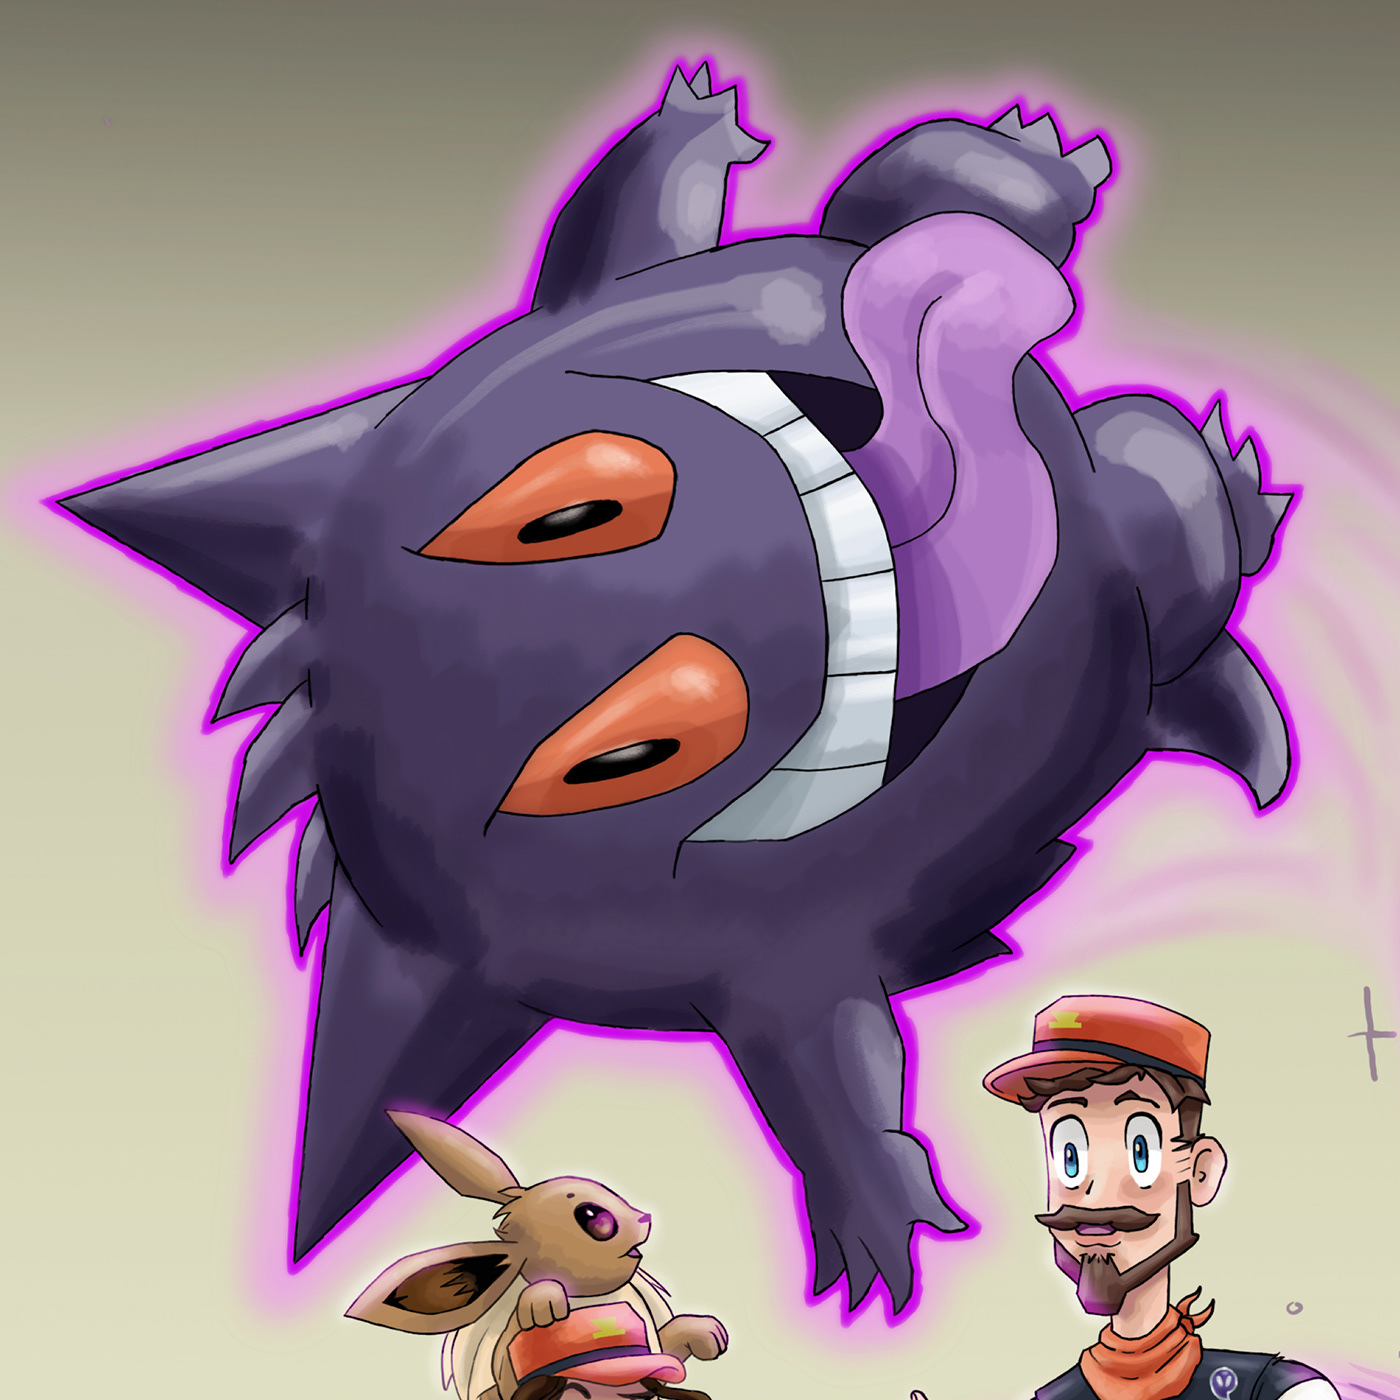 character art commission Pokemon pokemon fan art